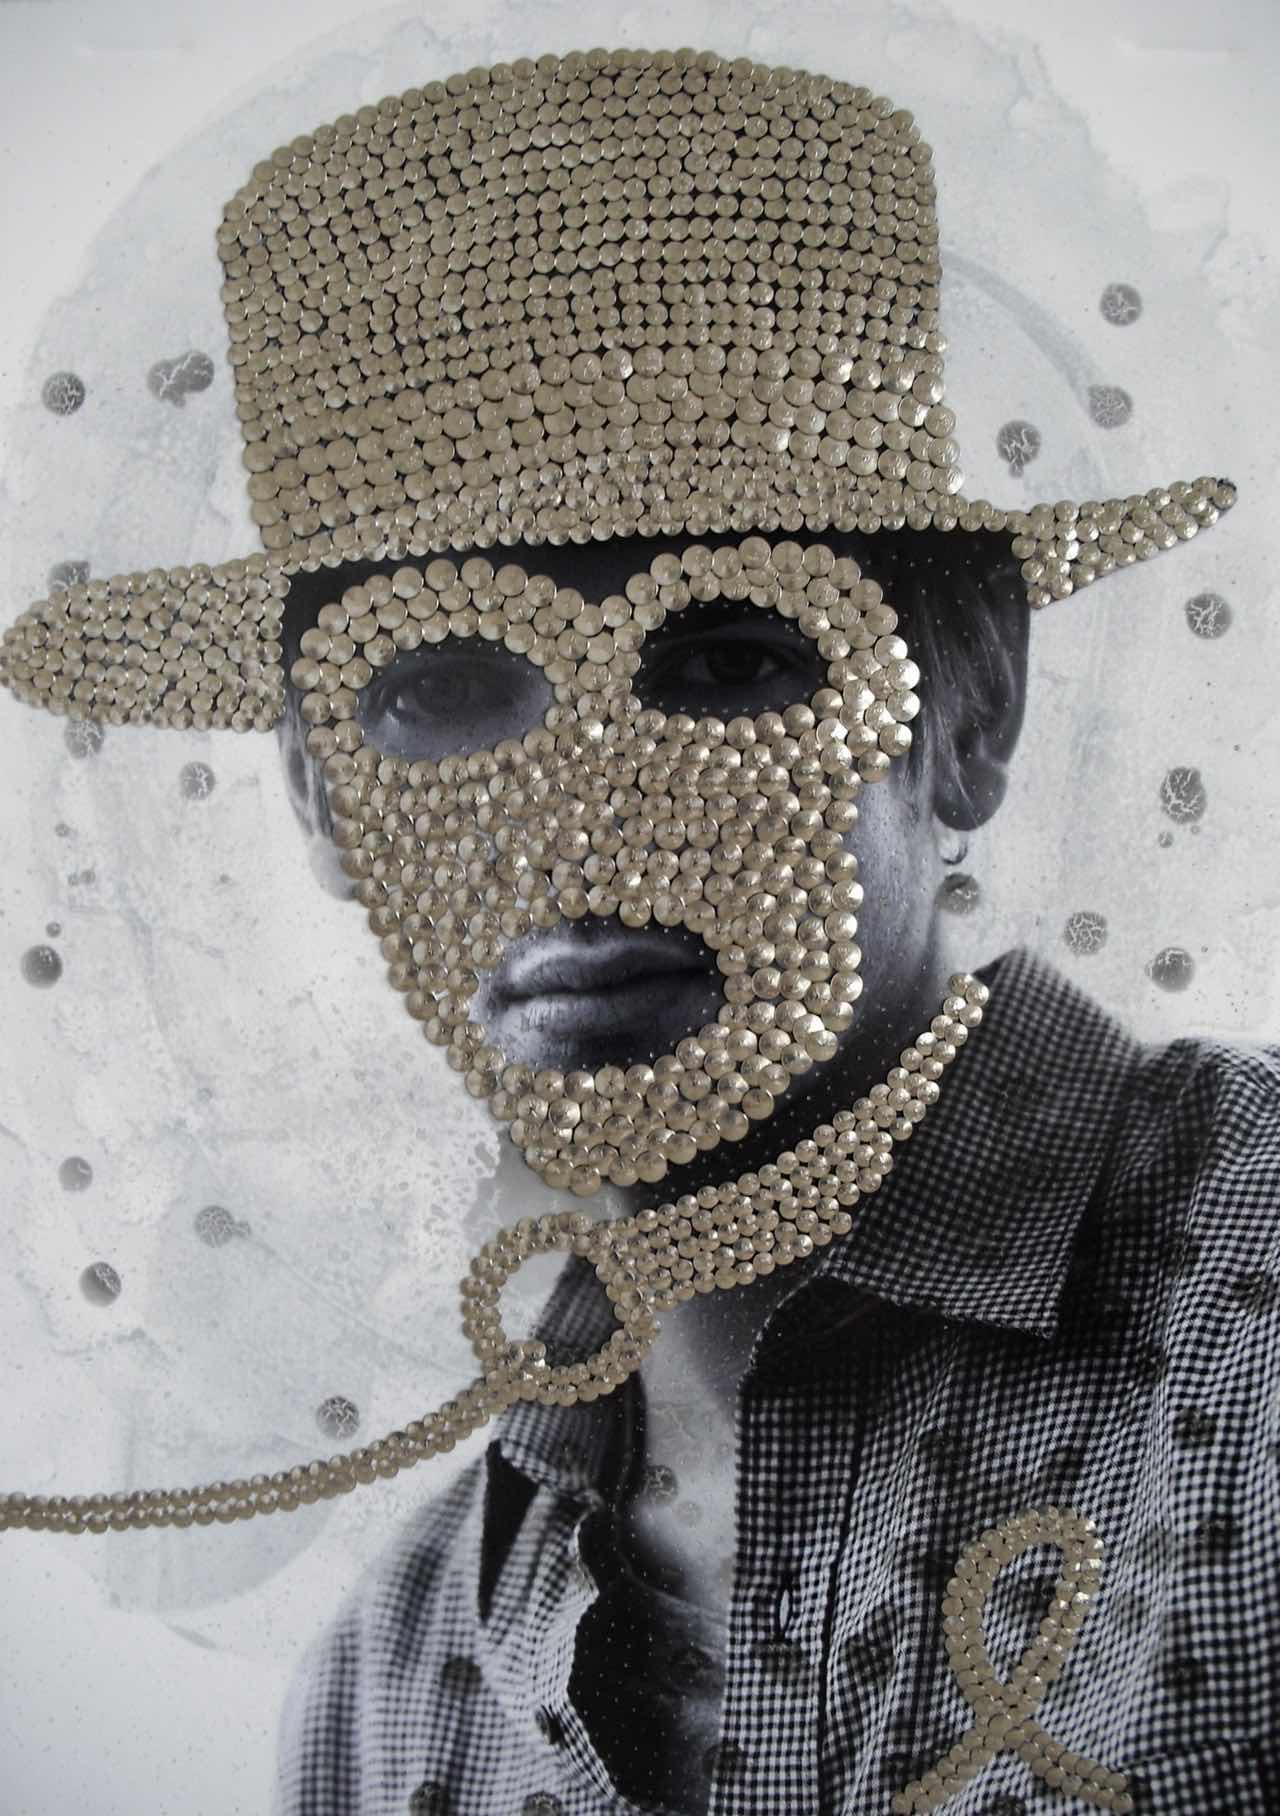 Mann mit Hut und Maske, Fetsich, Sklave